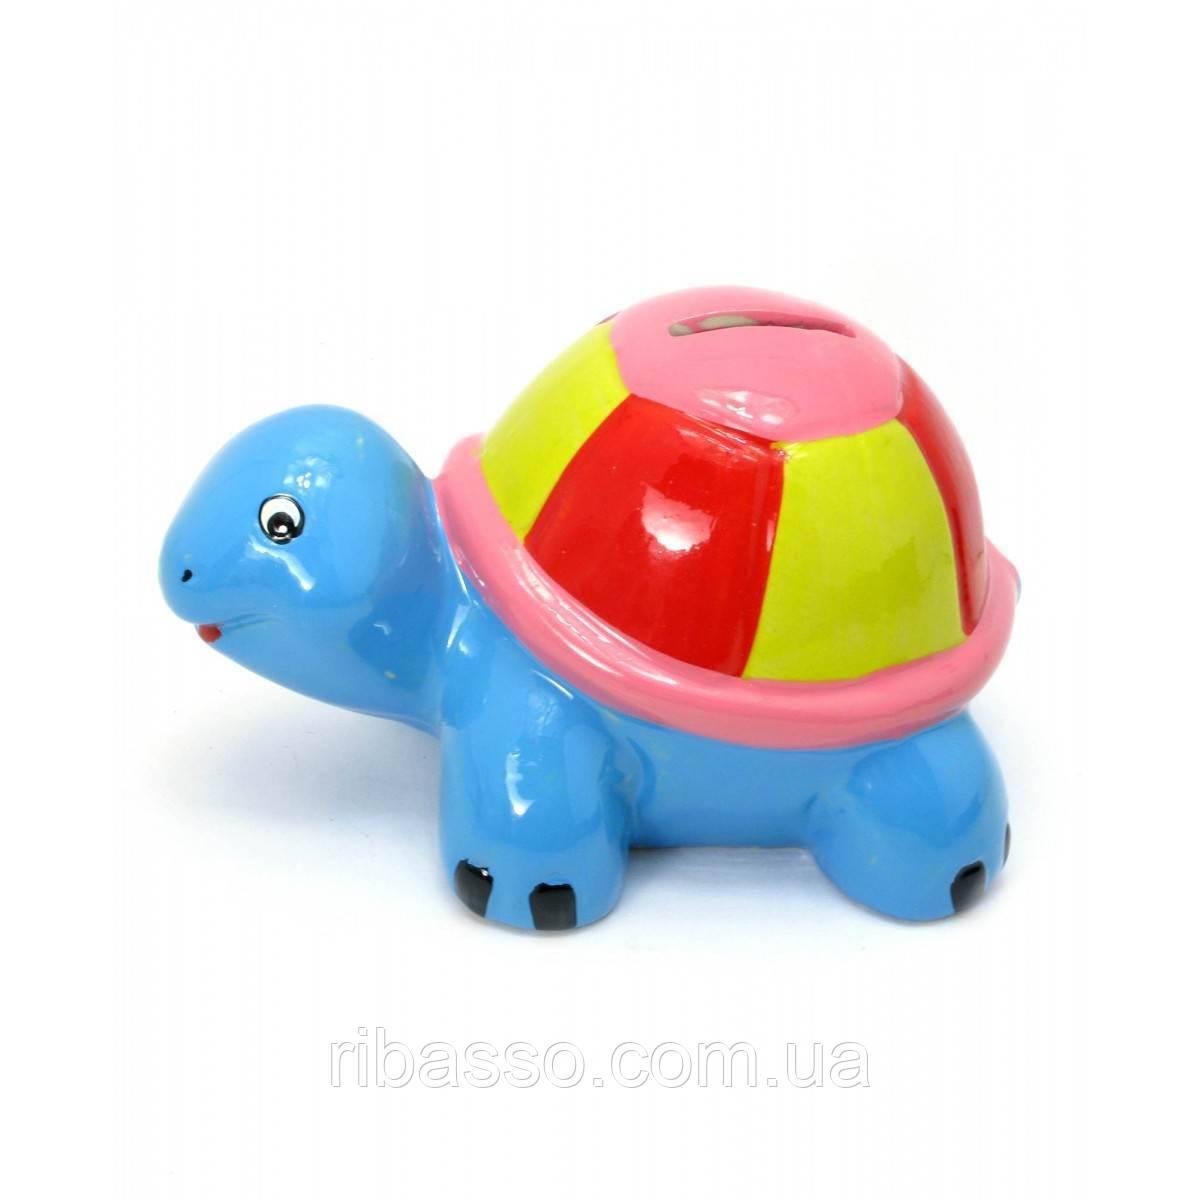 """Копилка """"Черепаха"""" керамика синяя 14,5х8,5х9 см 29695B"""